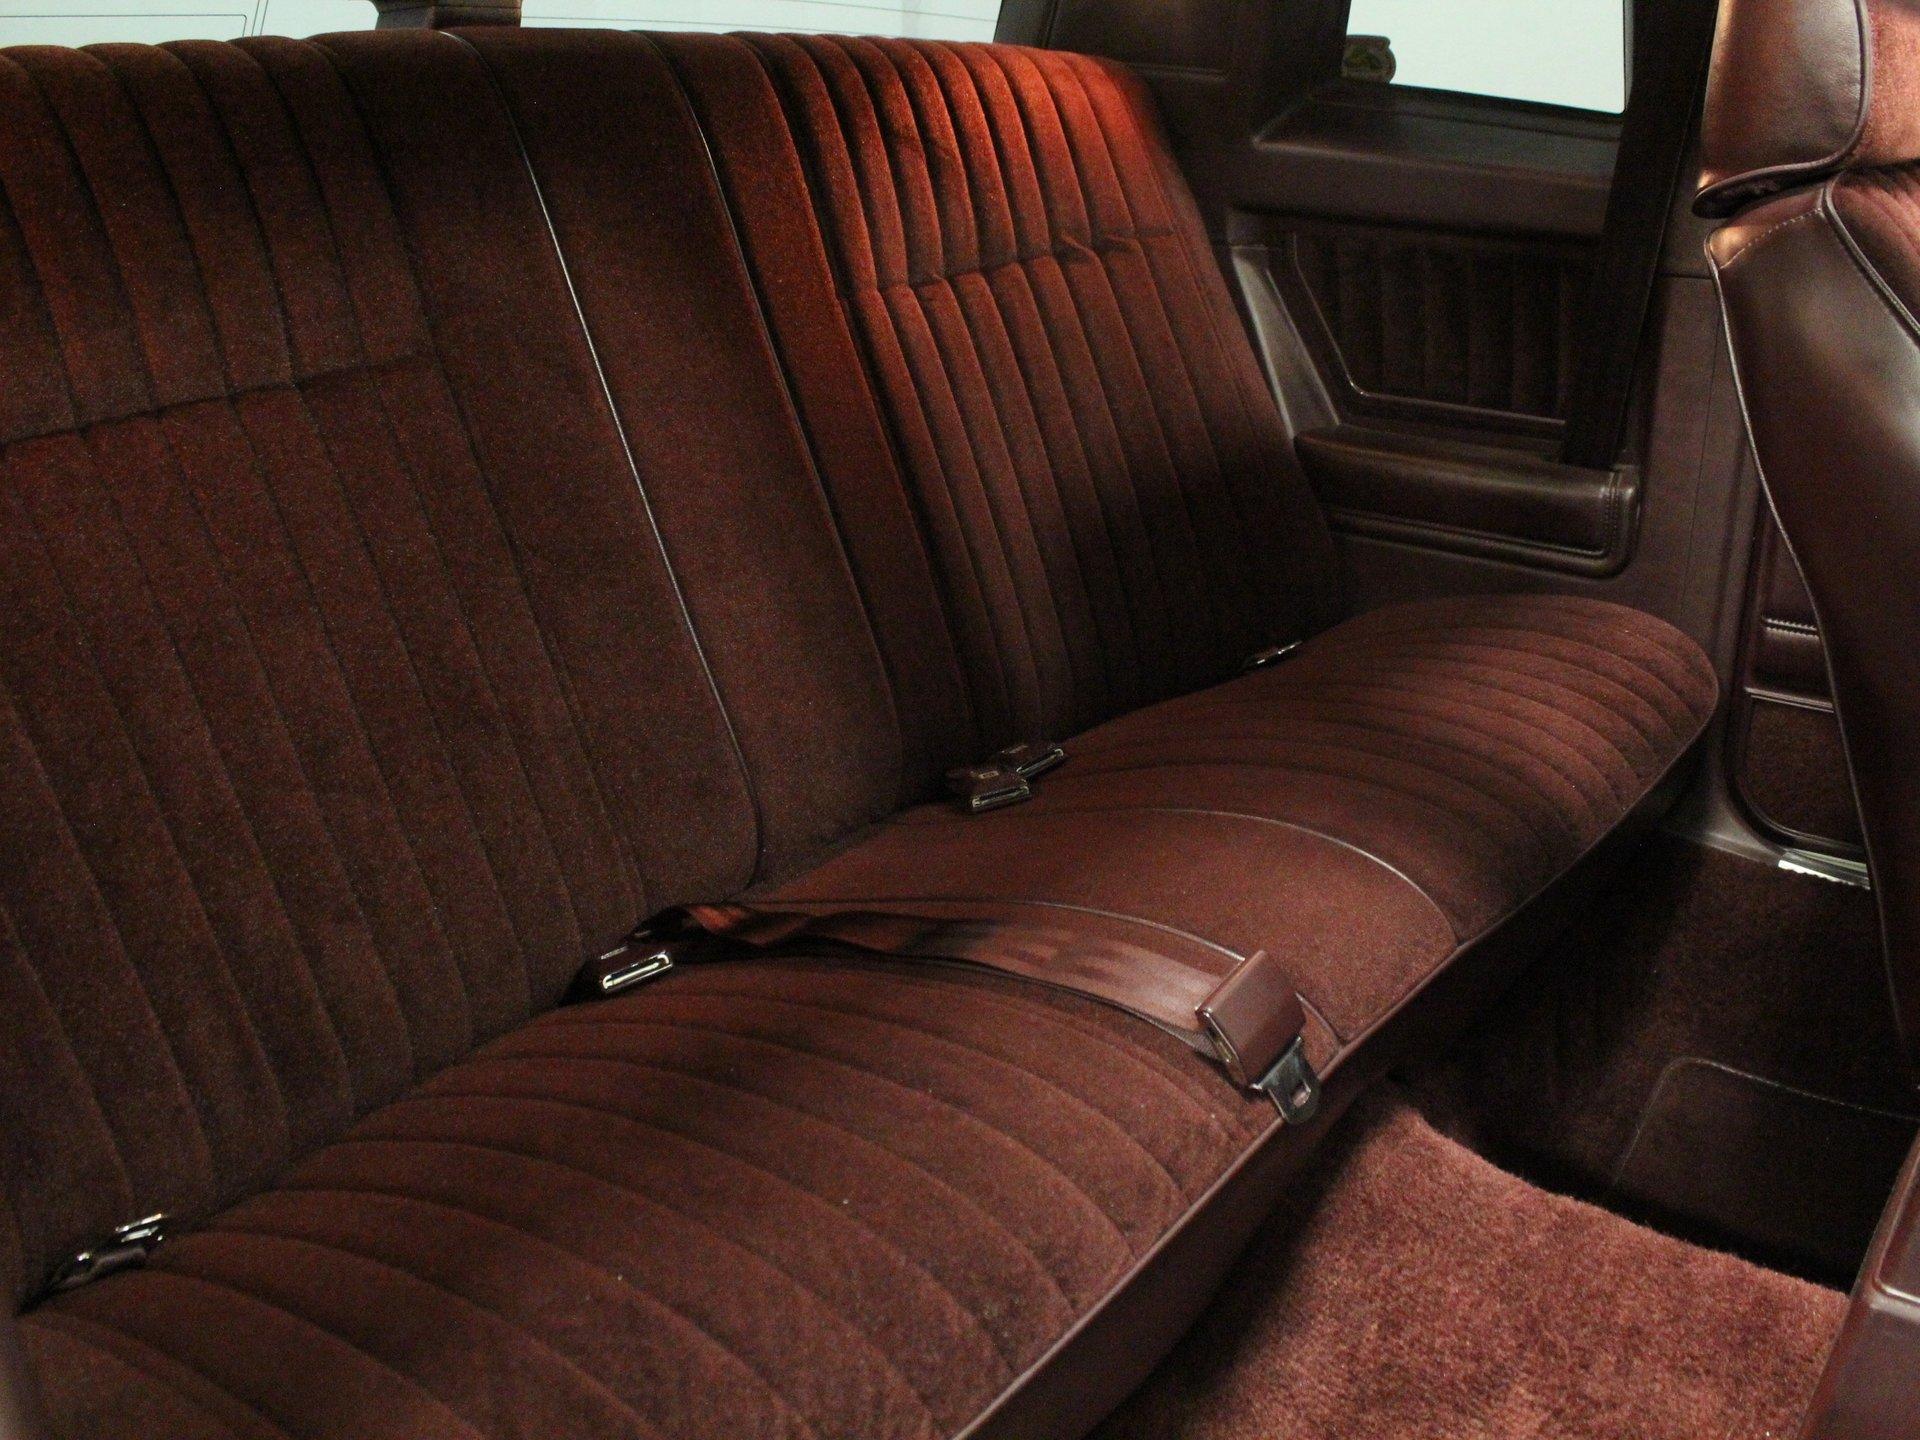 1987 Chevrolet Monte Carlo | Streetside Classics - The